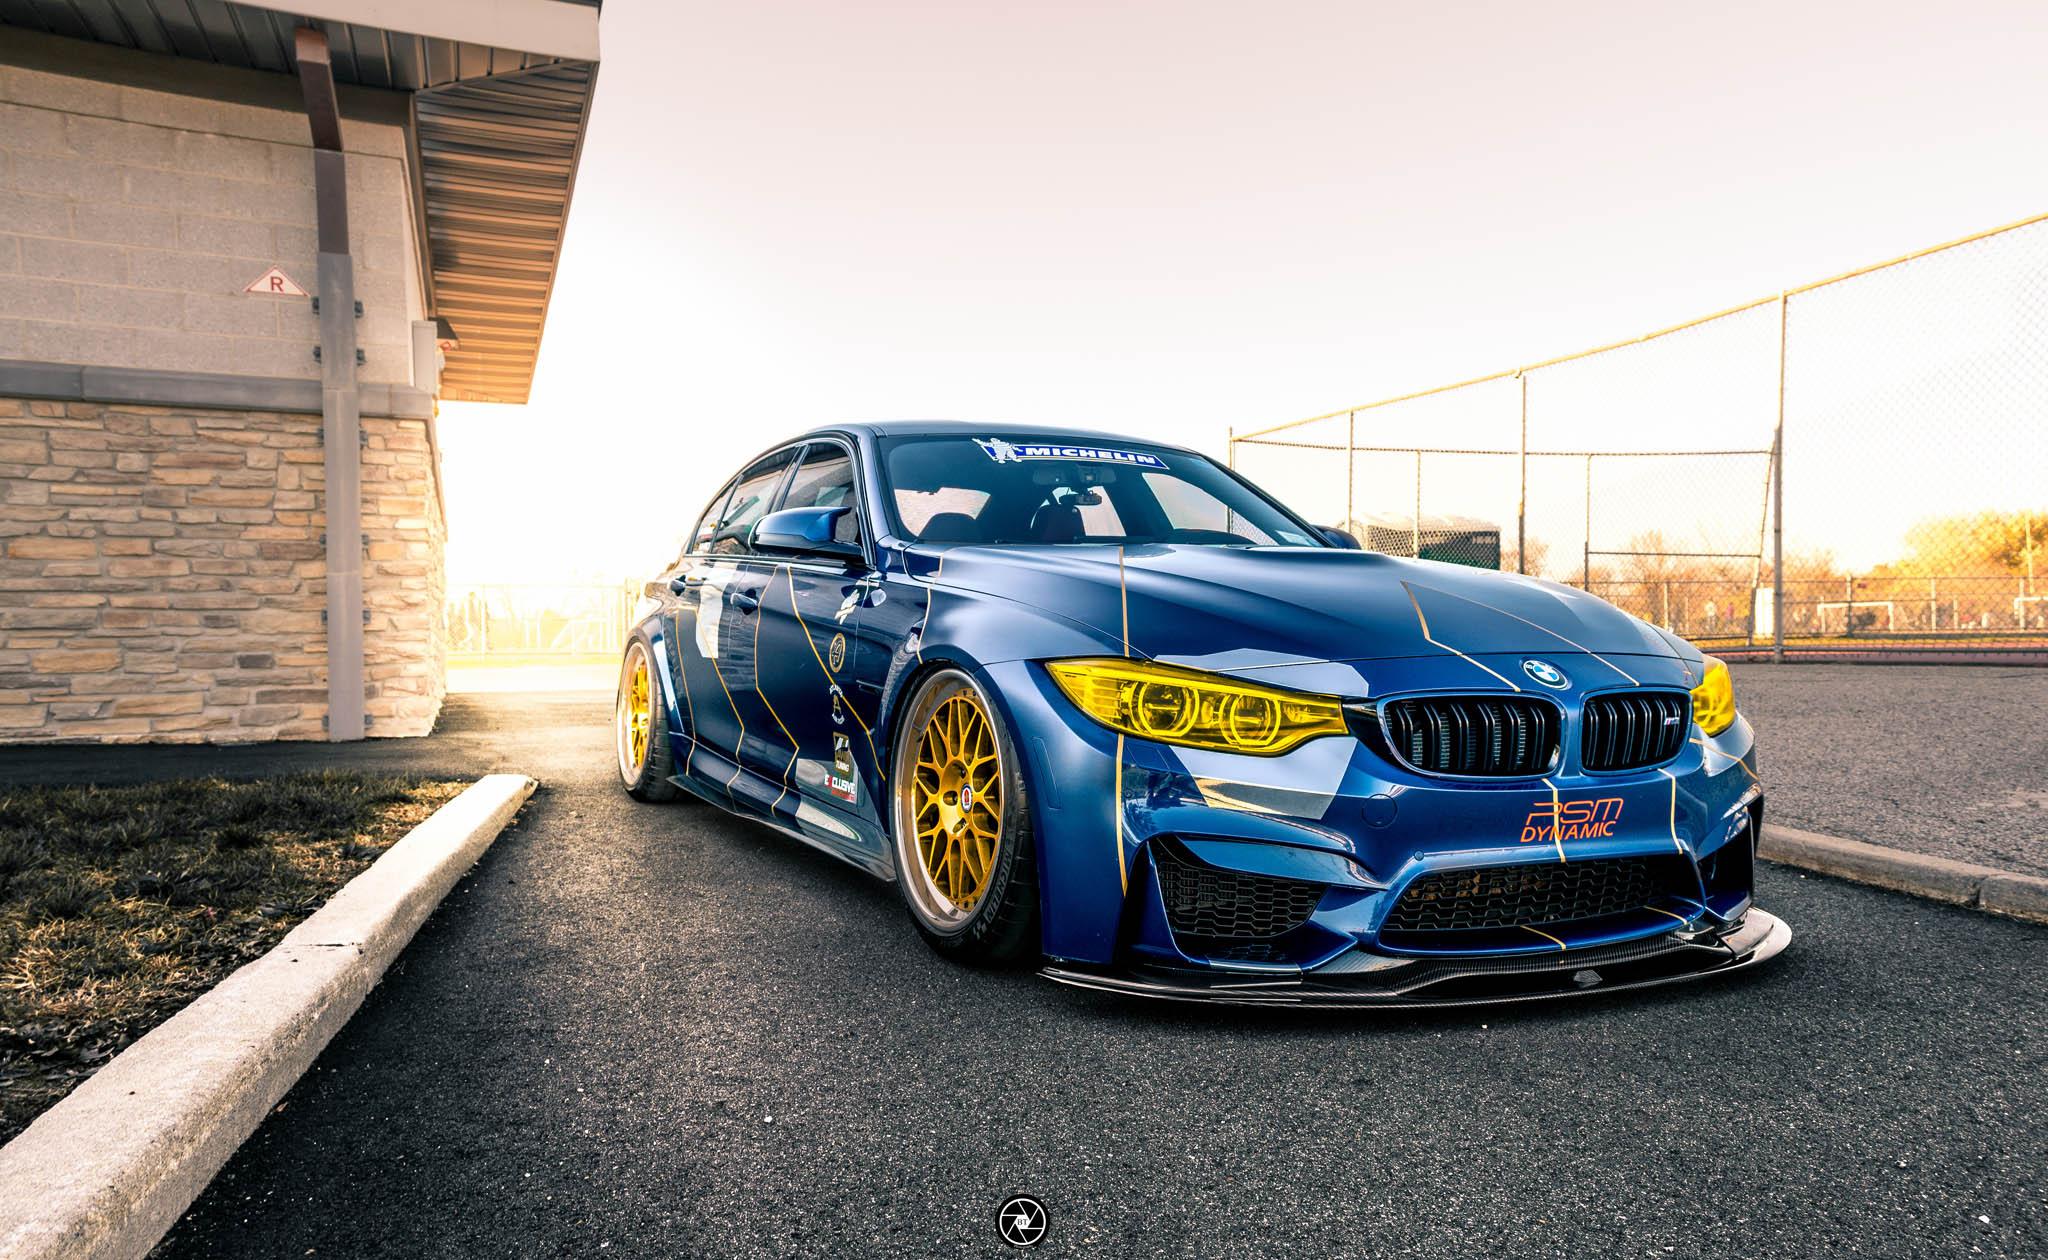 BMW M3 Race Themed - BMW M3 F80